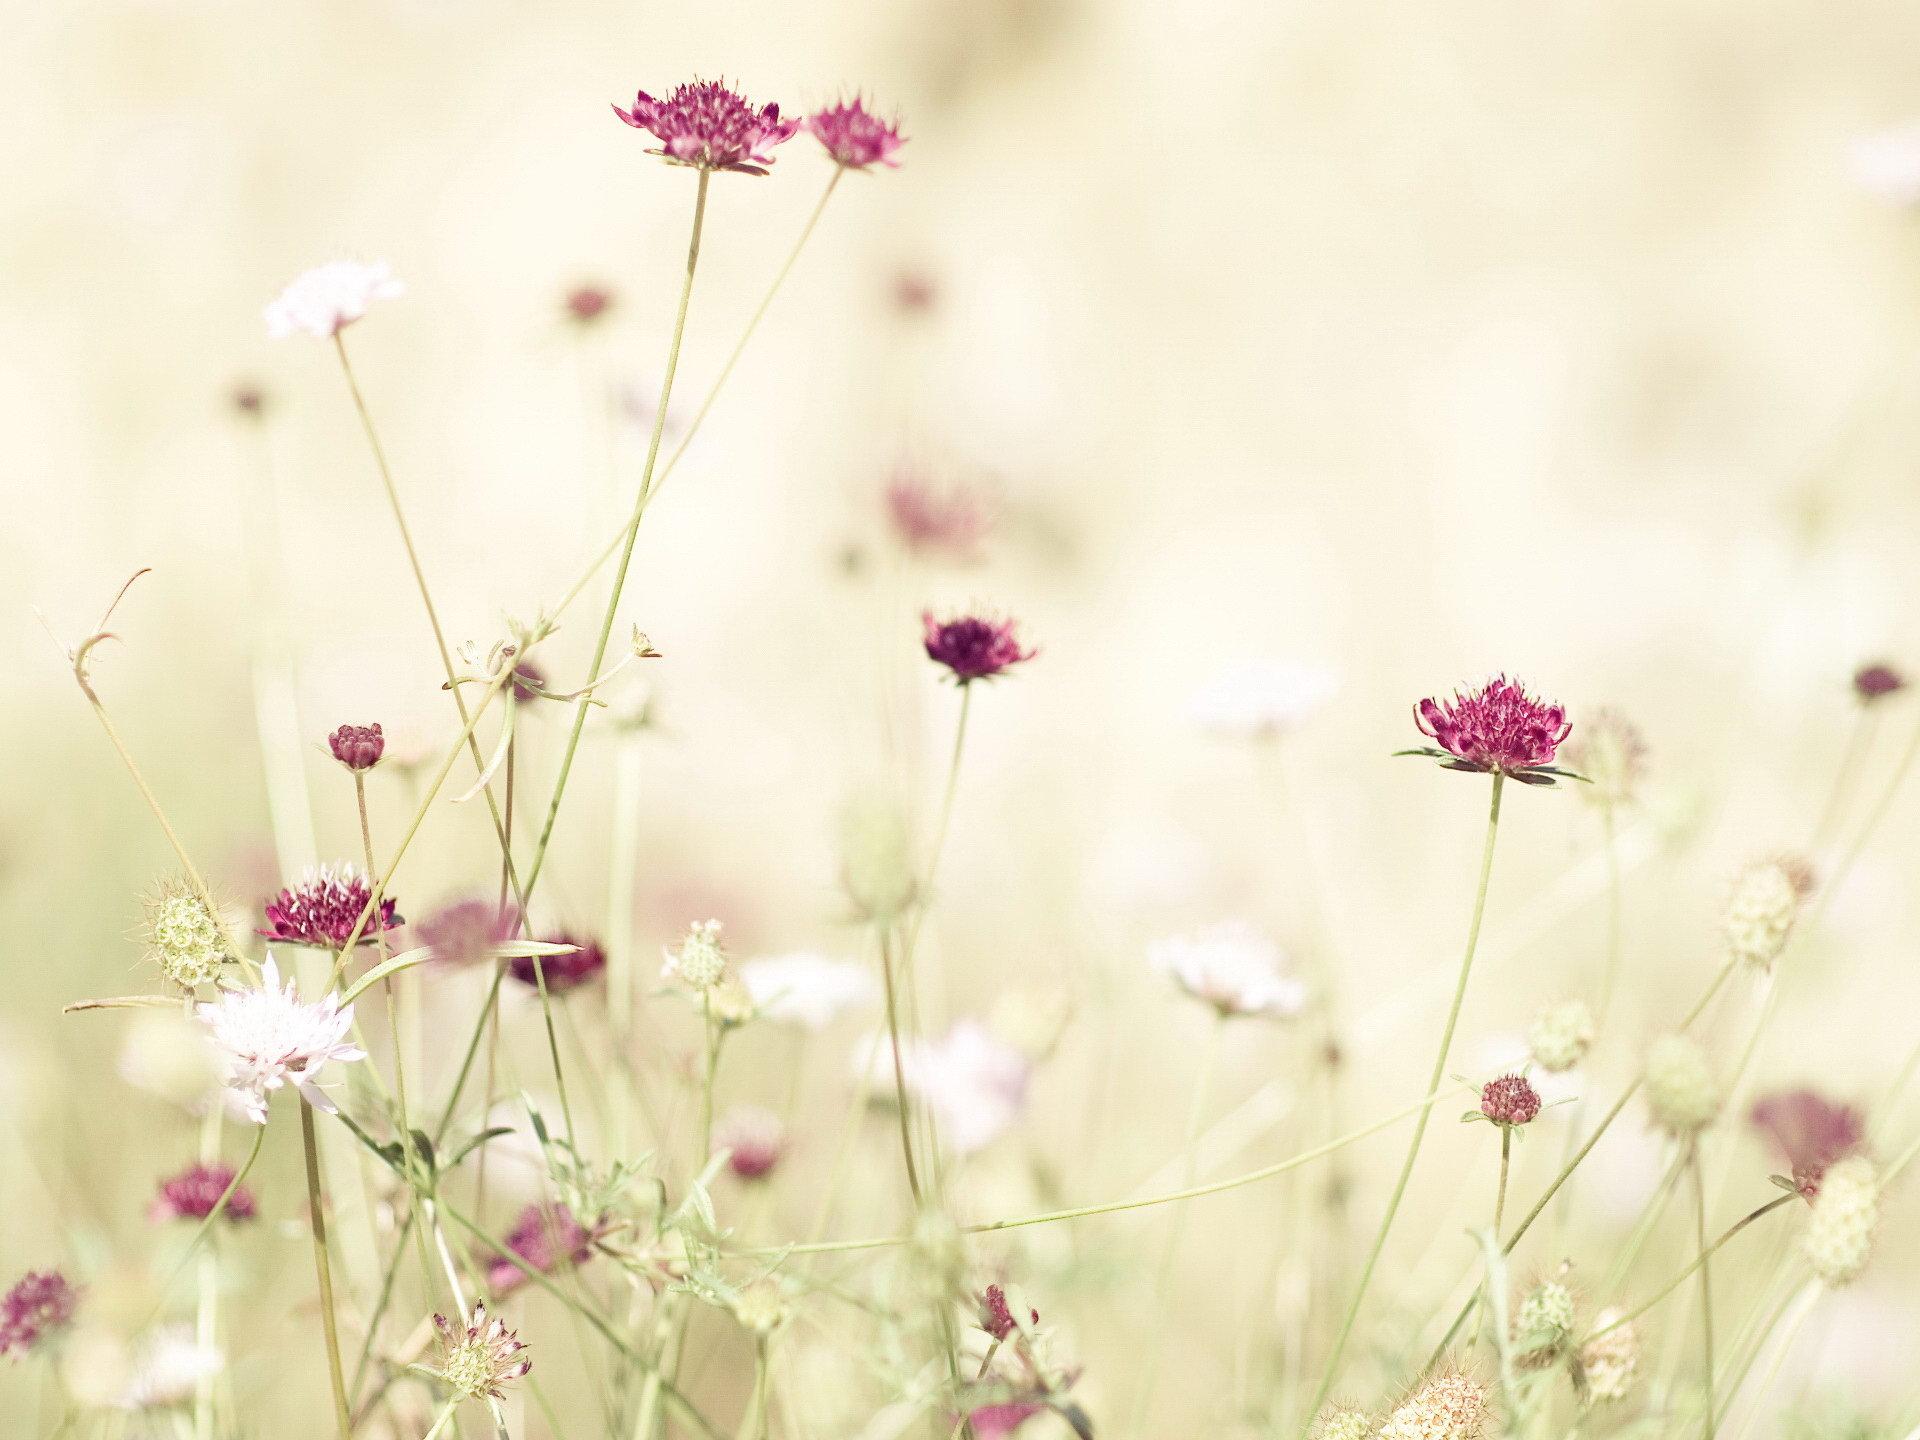 17930 скачать обои Растения, Цветы - заставки и картинки бесплатно